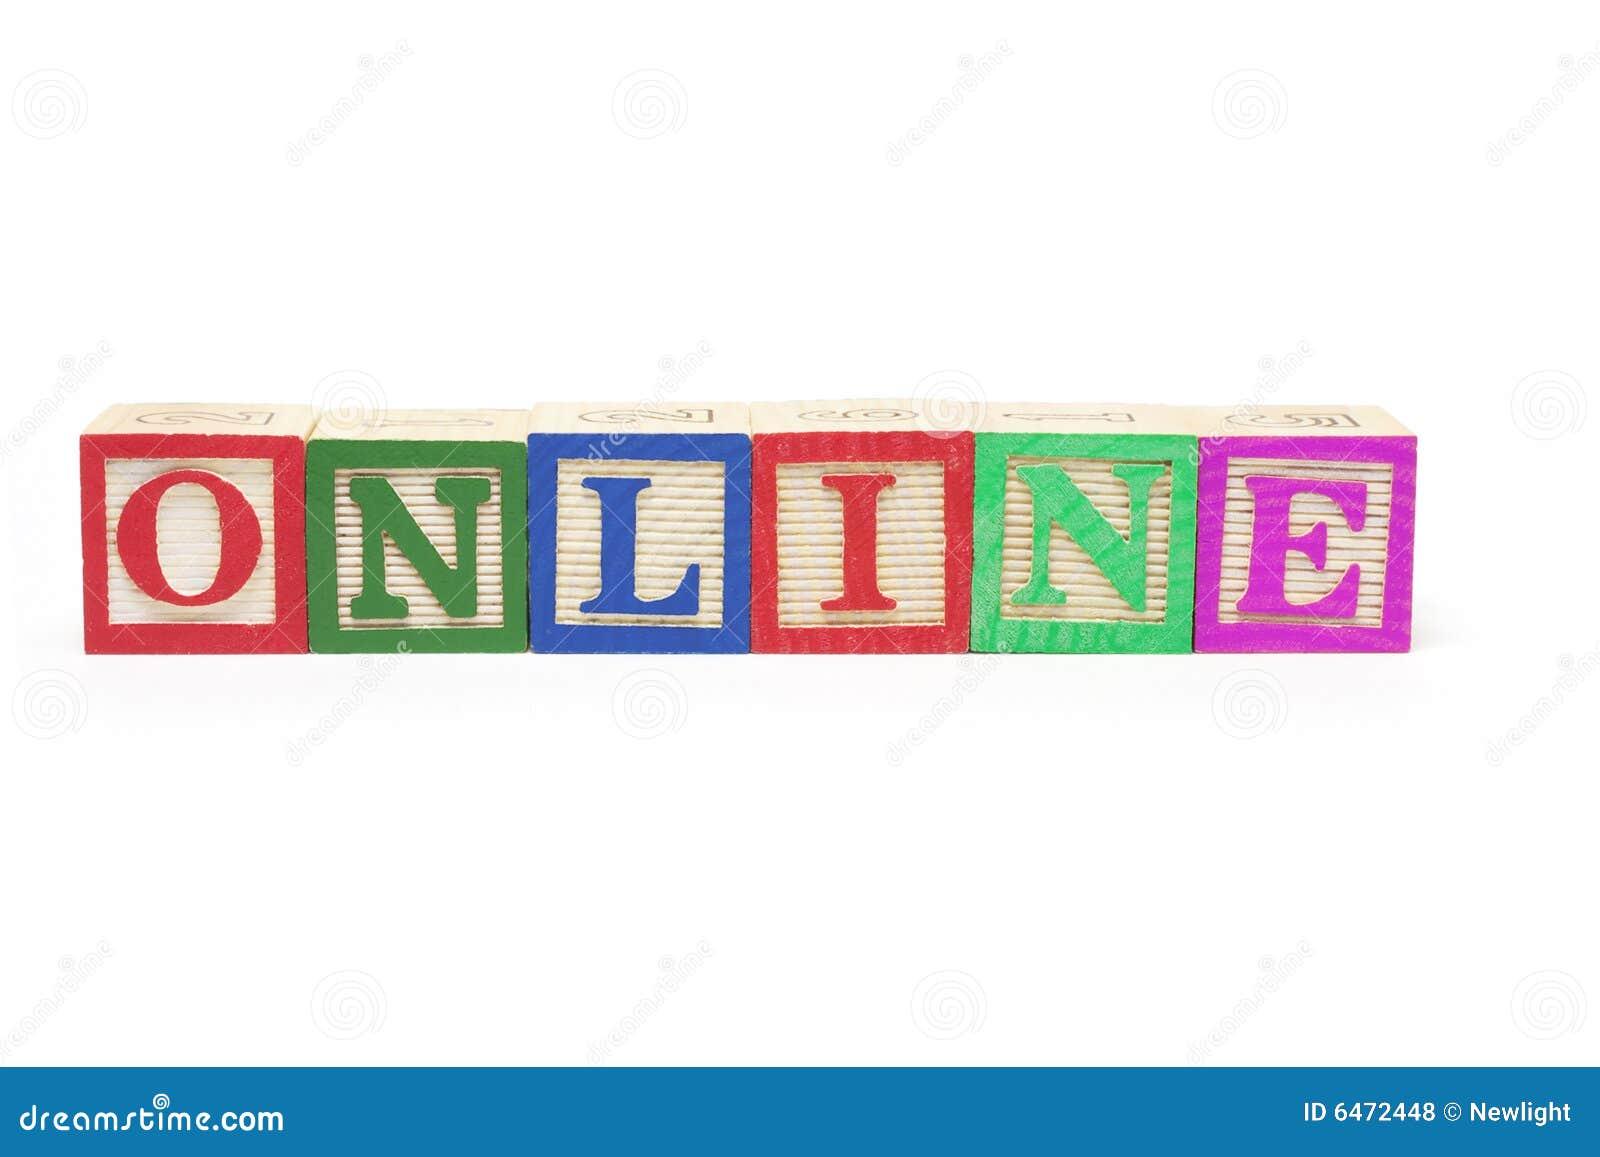 Zablokuj online alfabet